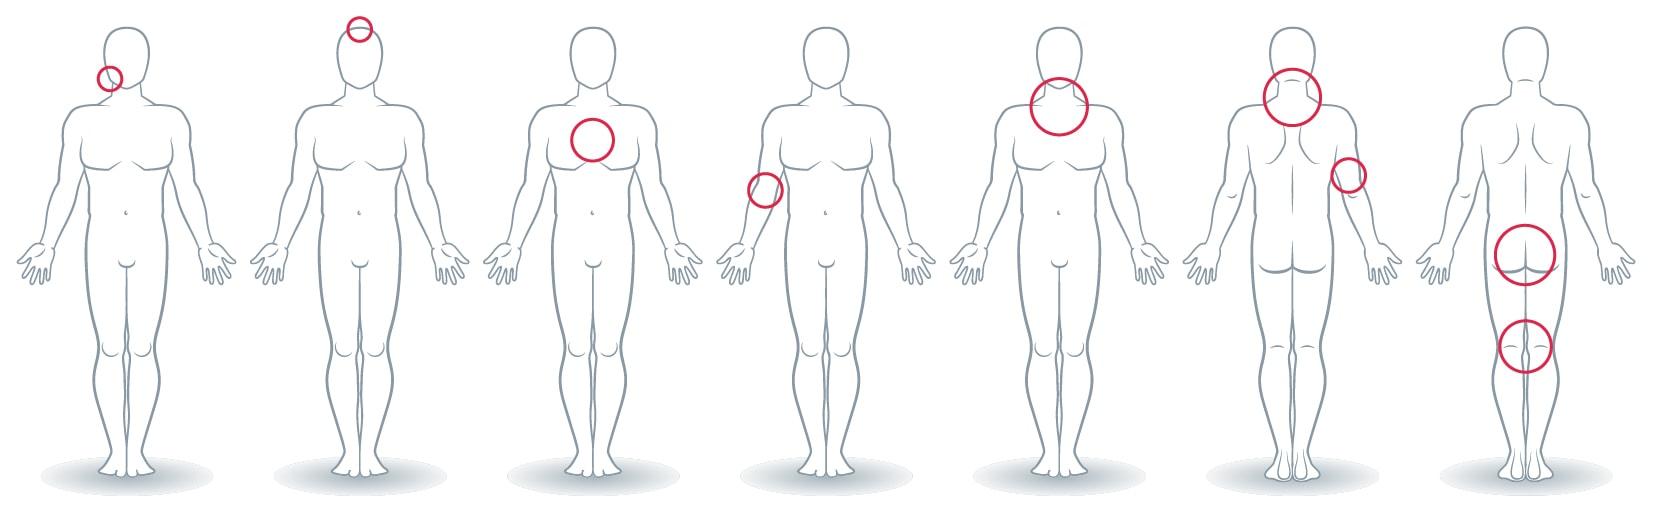 Melanoma - Conselhos úteis - Verificação e identificação de sinais e lesões